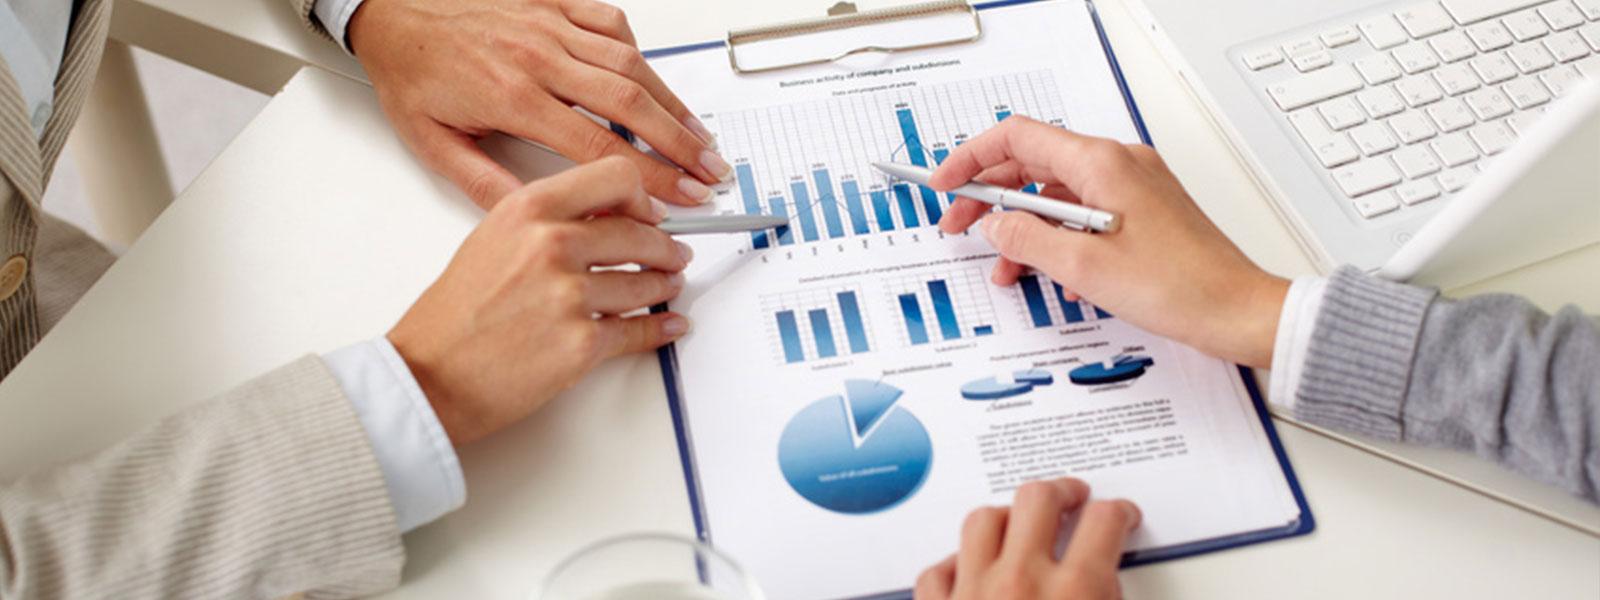 Programació a mida i gestió de continguts en aplicacions